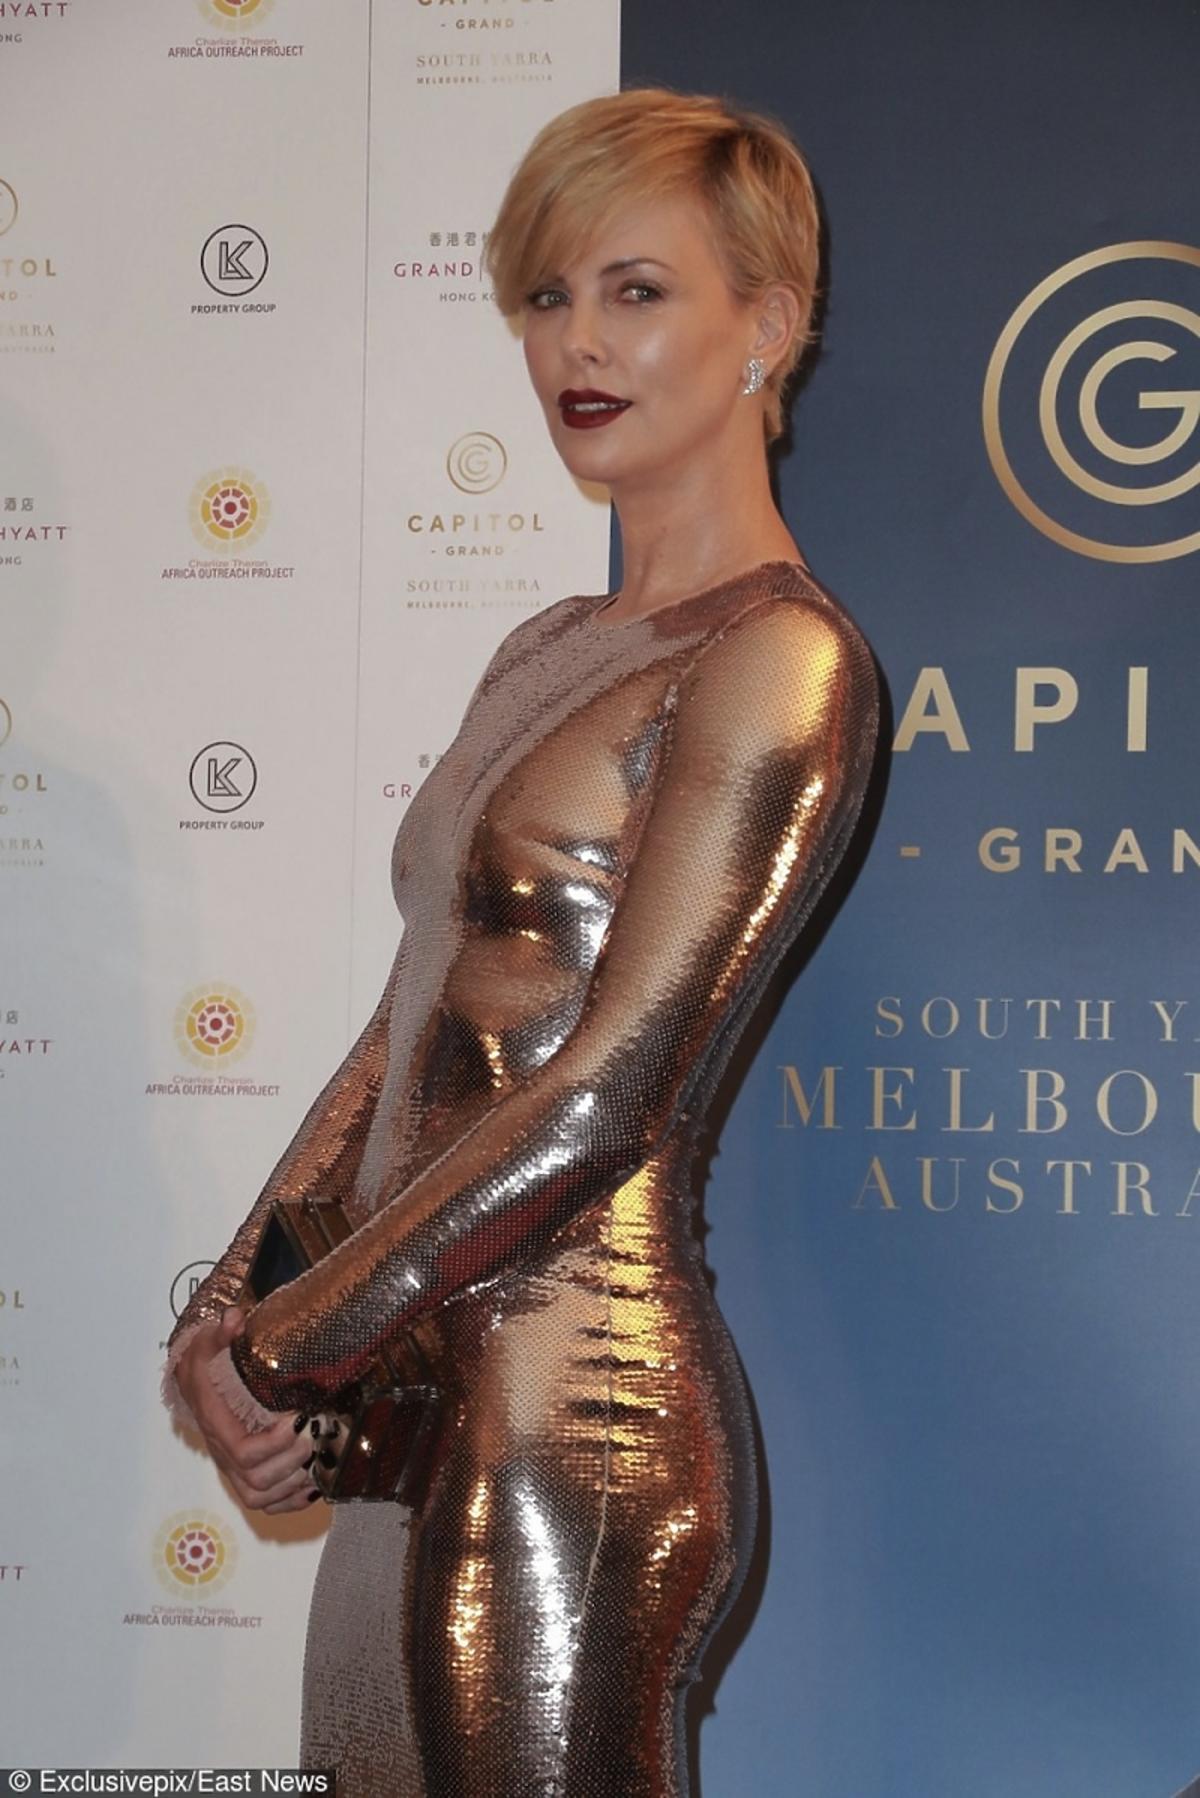 Charlize Theron w metalicznej złotej sukience z małą metaliczną torebką i czarnych sandałach na szpilce na czerwonym dywanie